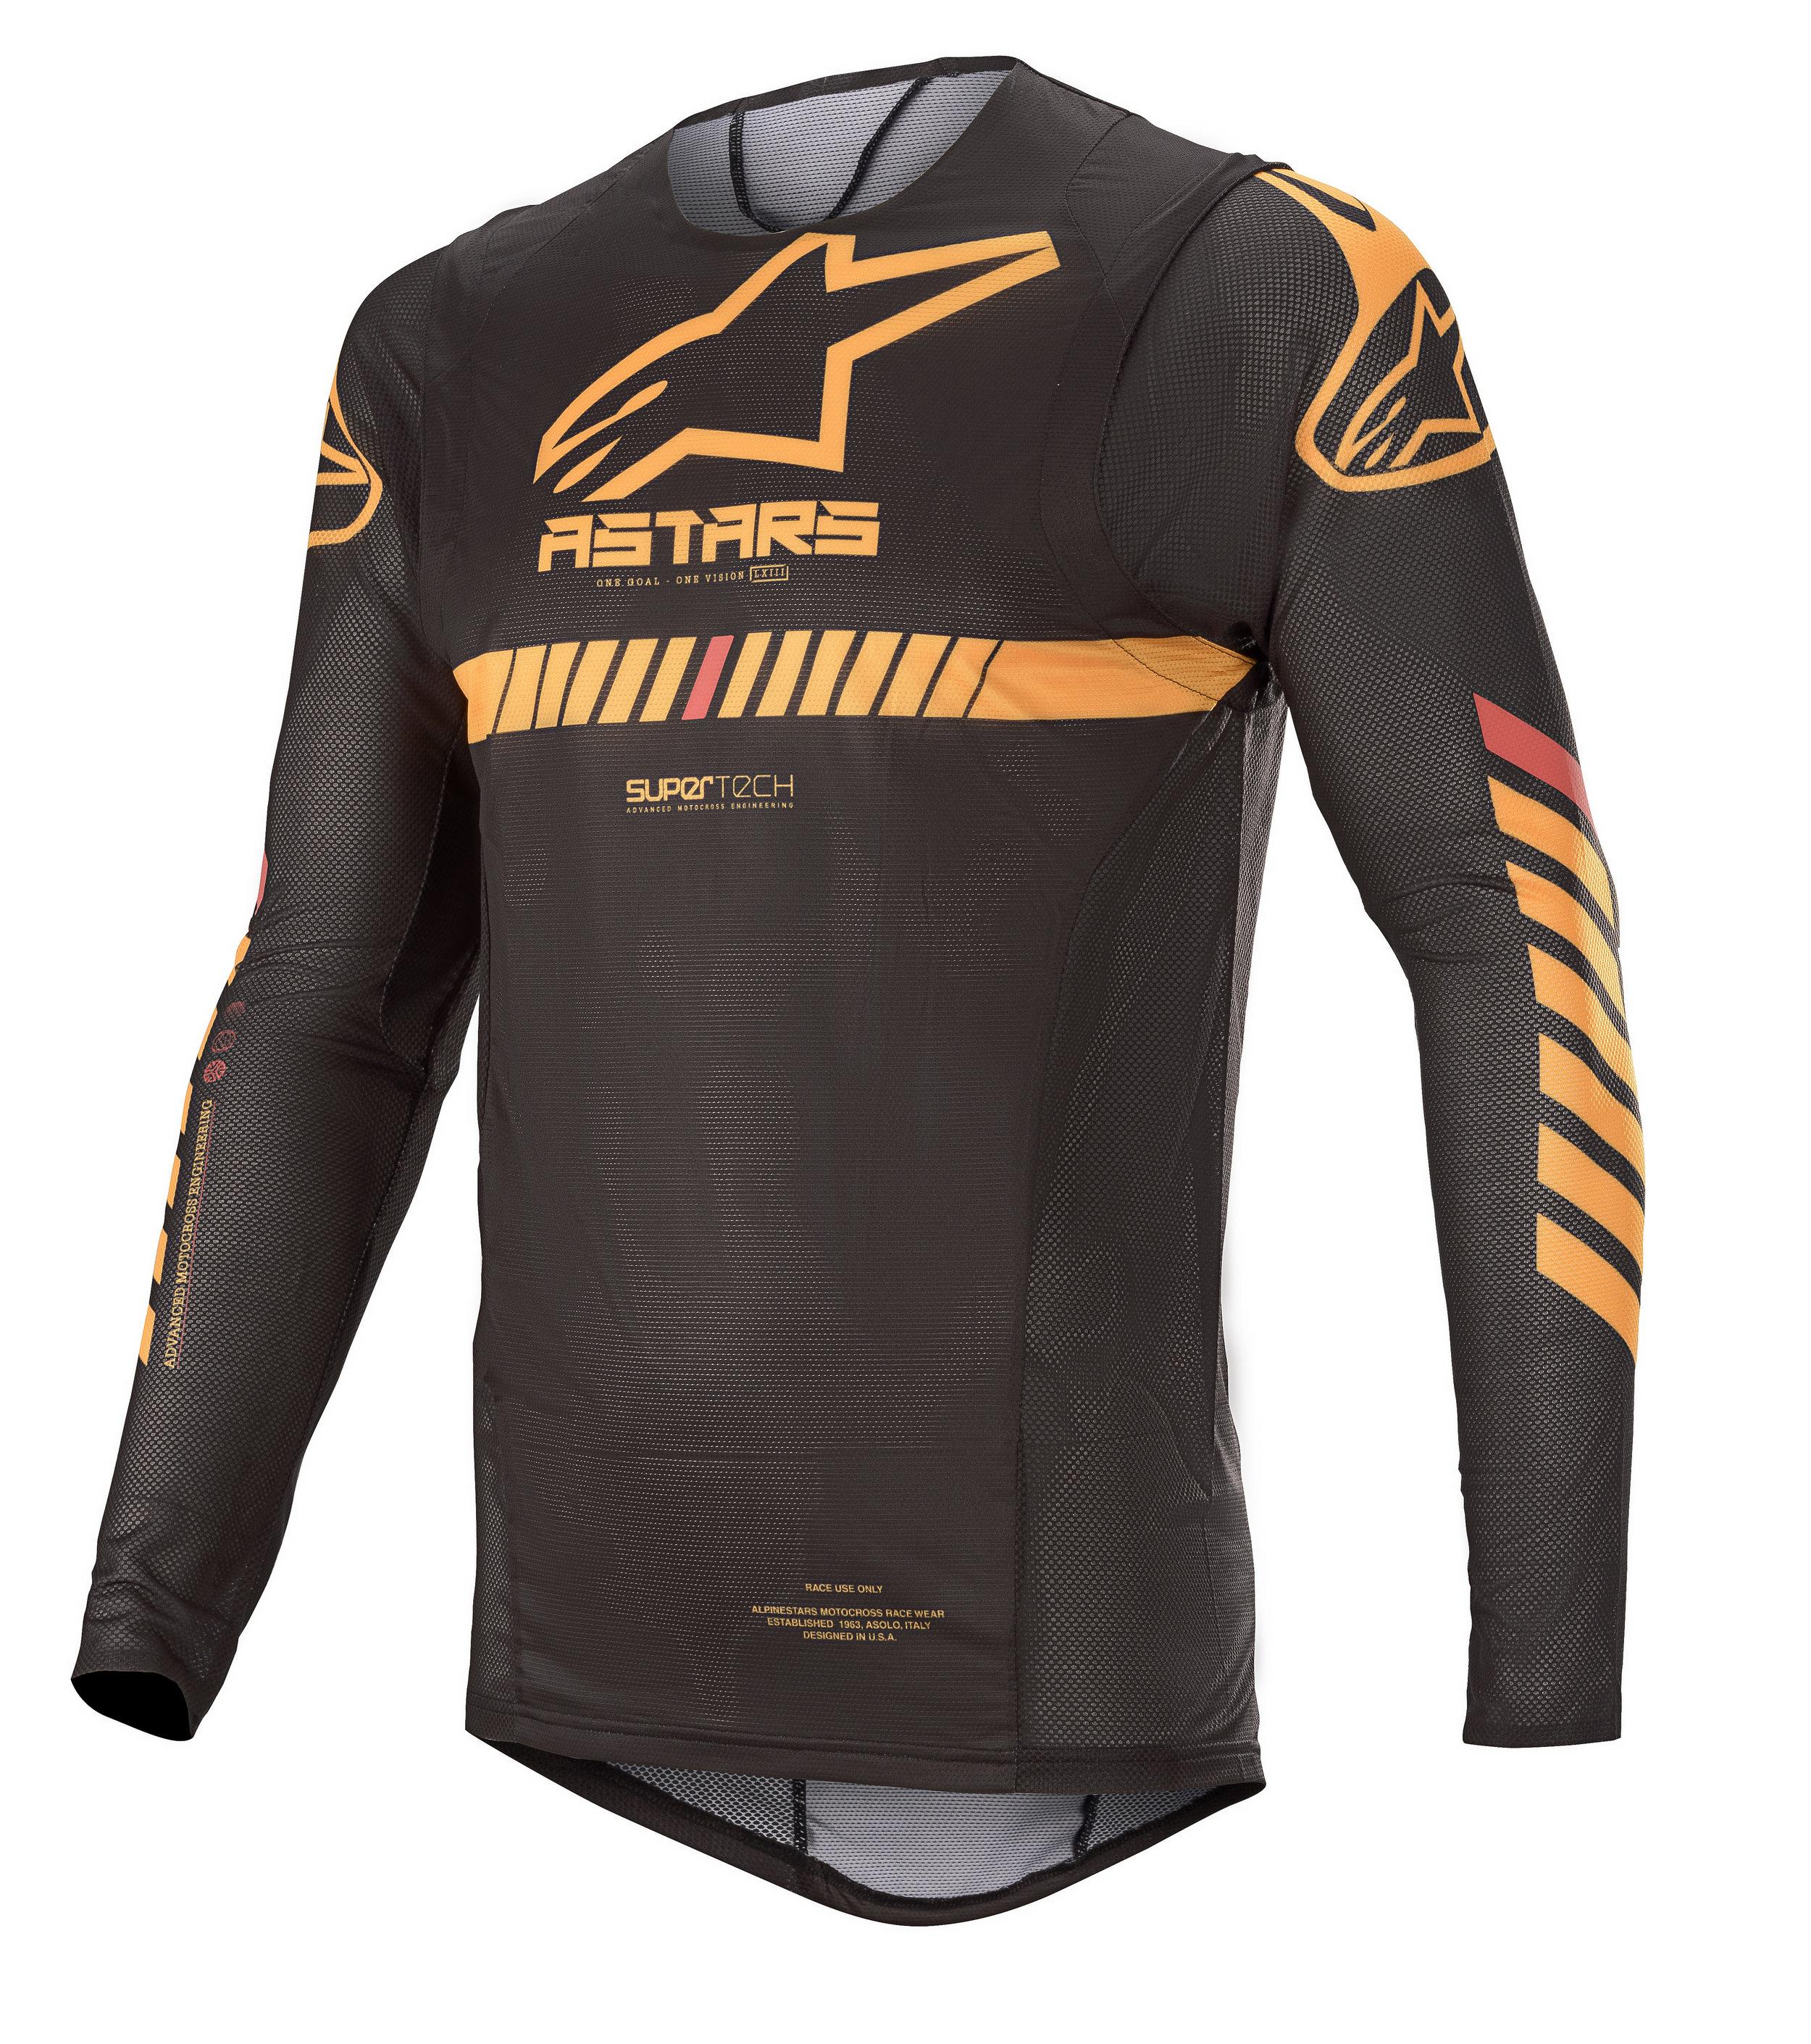 3760720-1413-fr_supertech-jersey.jpg